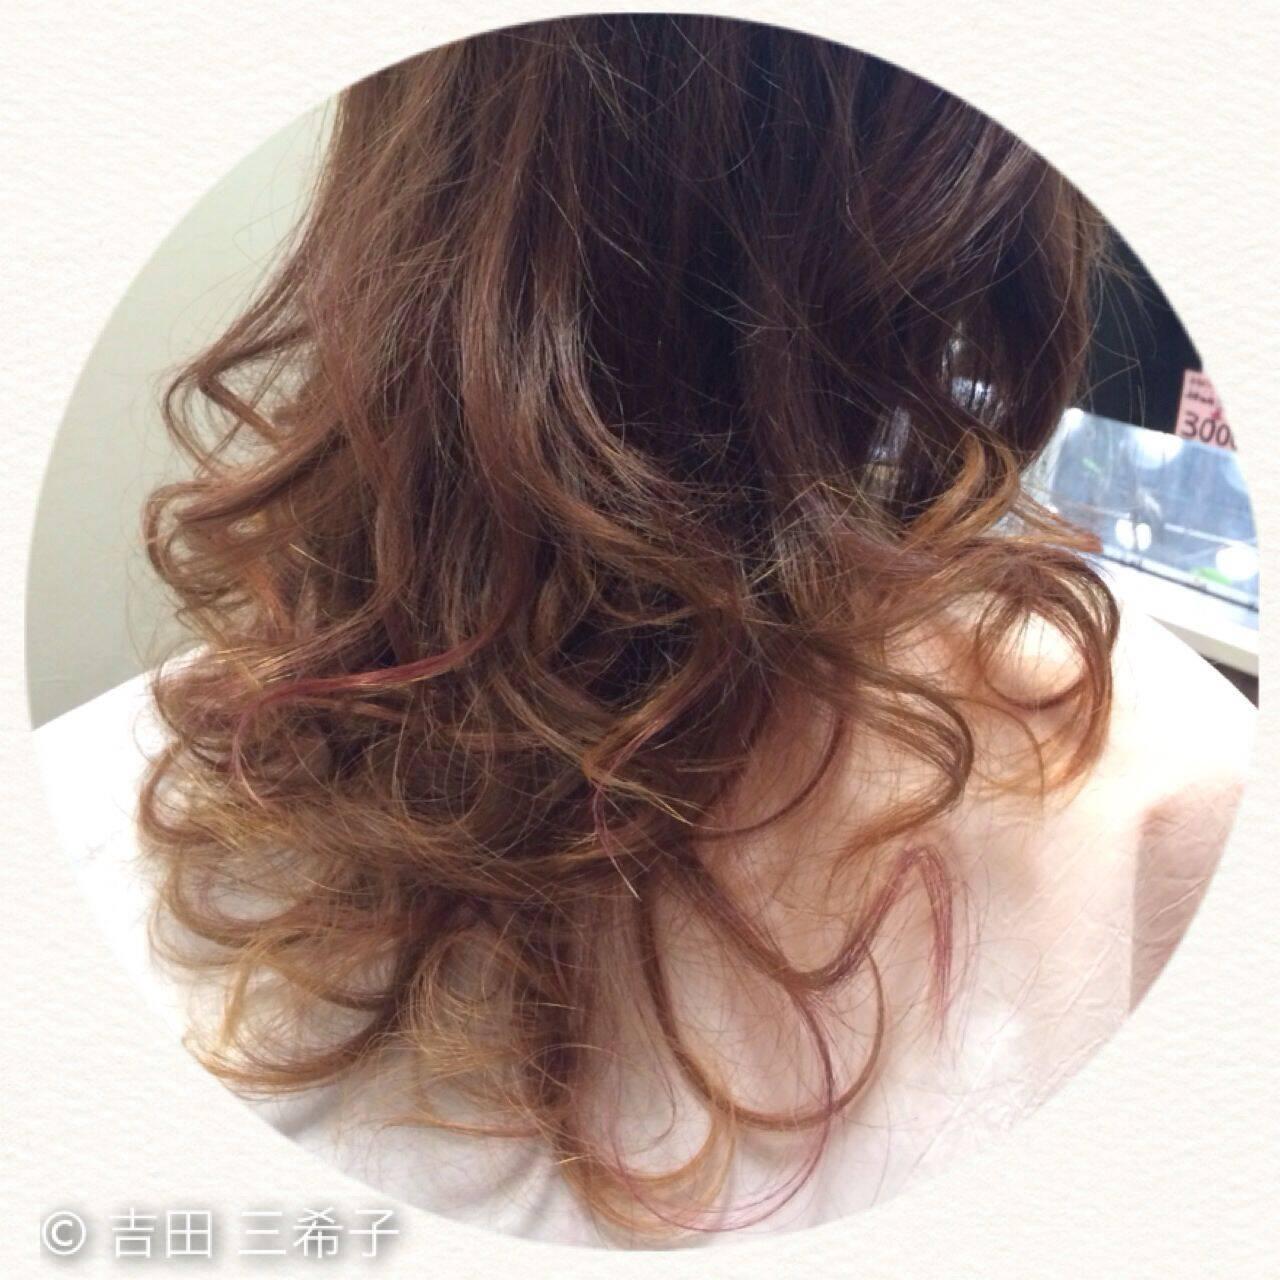 コンサバ アッシュグラデーション グラデーションカラー メッシュヘアスタイルや髪型の写真・画像